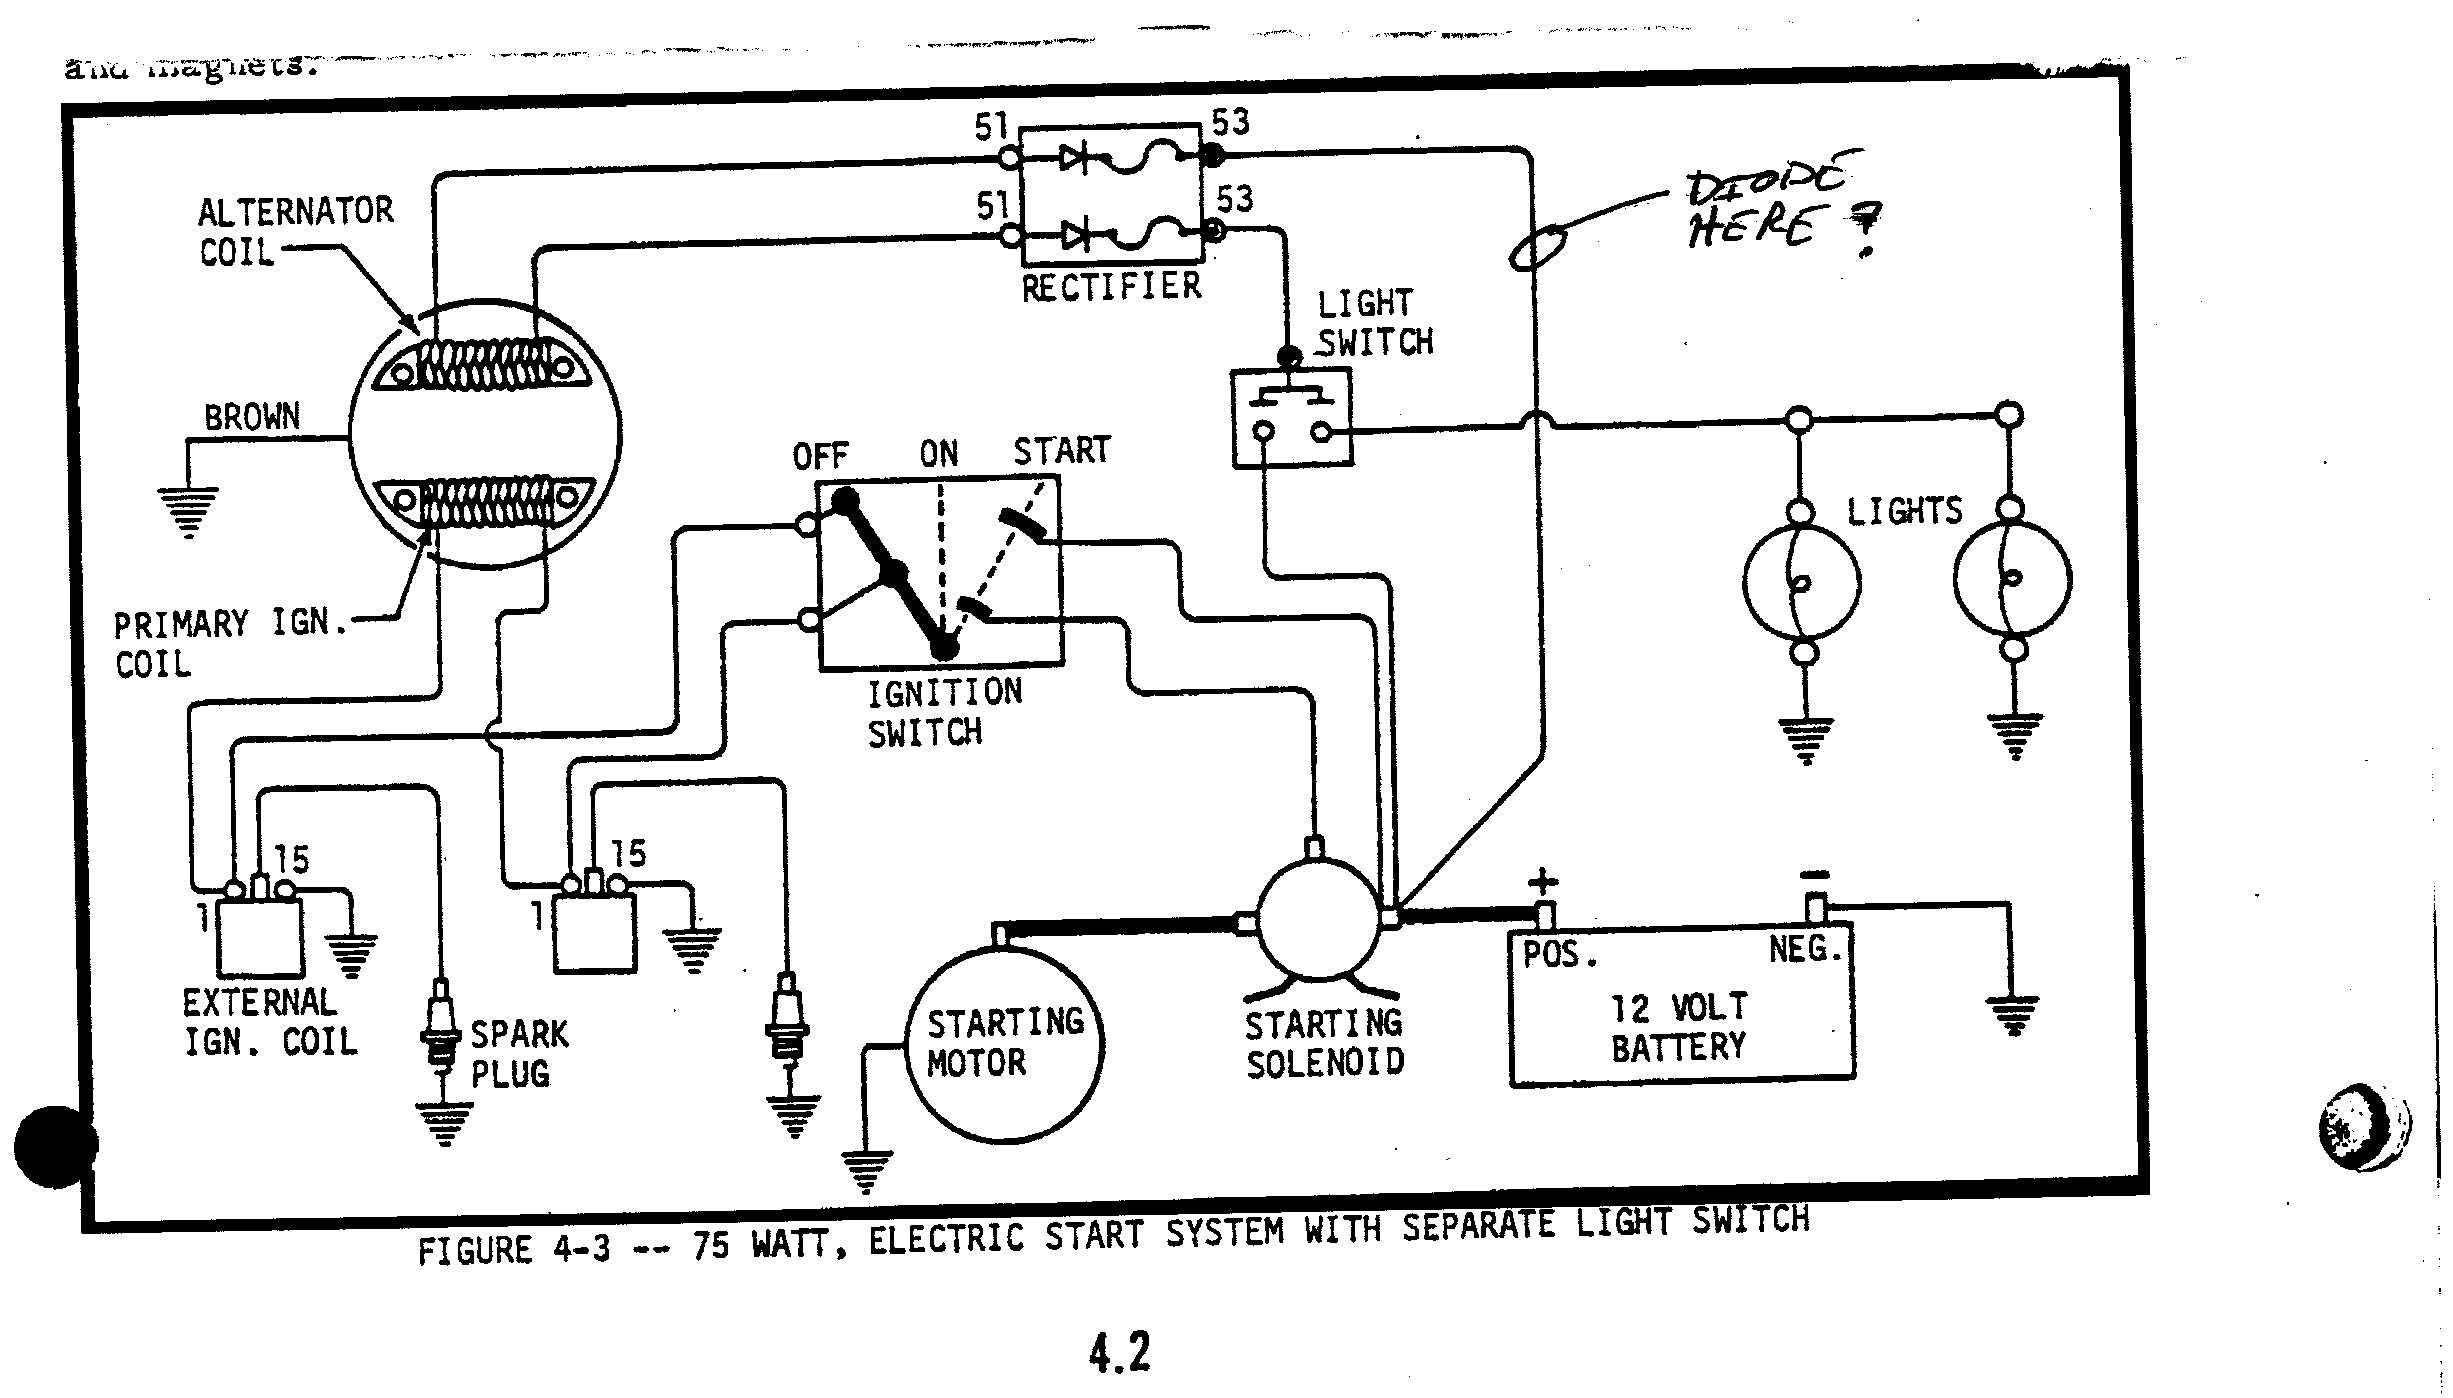 Suzuki 250 Atv Wiring Diagram Not Lossing Quadrunner Simple Schema Rh 60 Lodge Finder De Lt 230 185